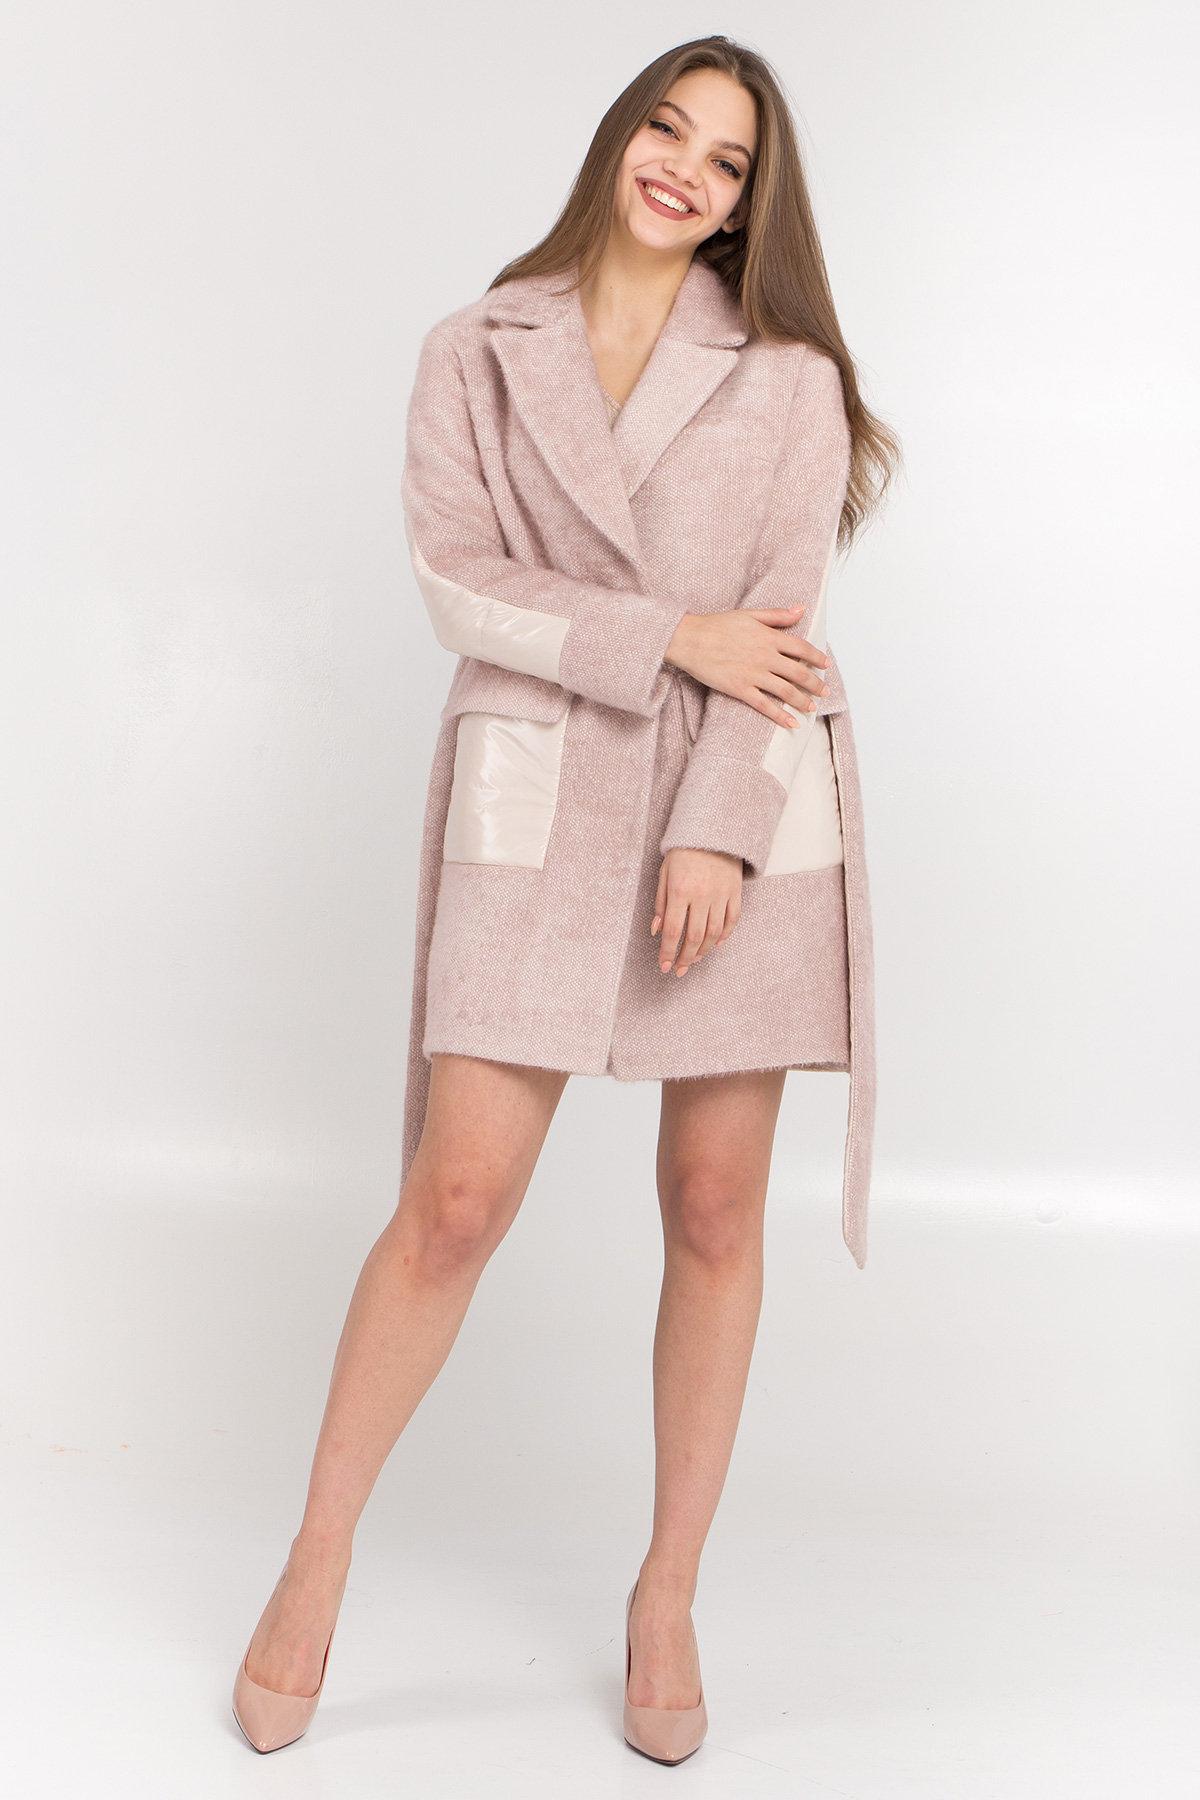 Комбинированное пальто Монклер 8884 АРТ. 45205 Цвет: Пудра/молоко - фото 2, интернет магазин tm-modus.ru